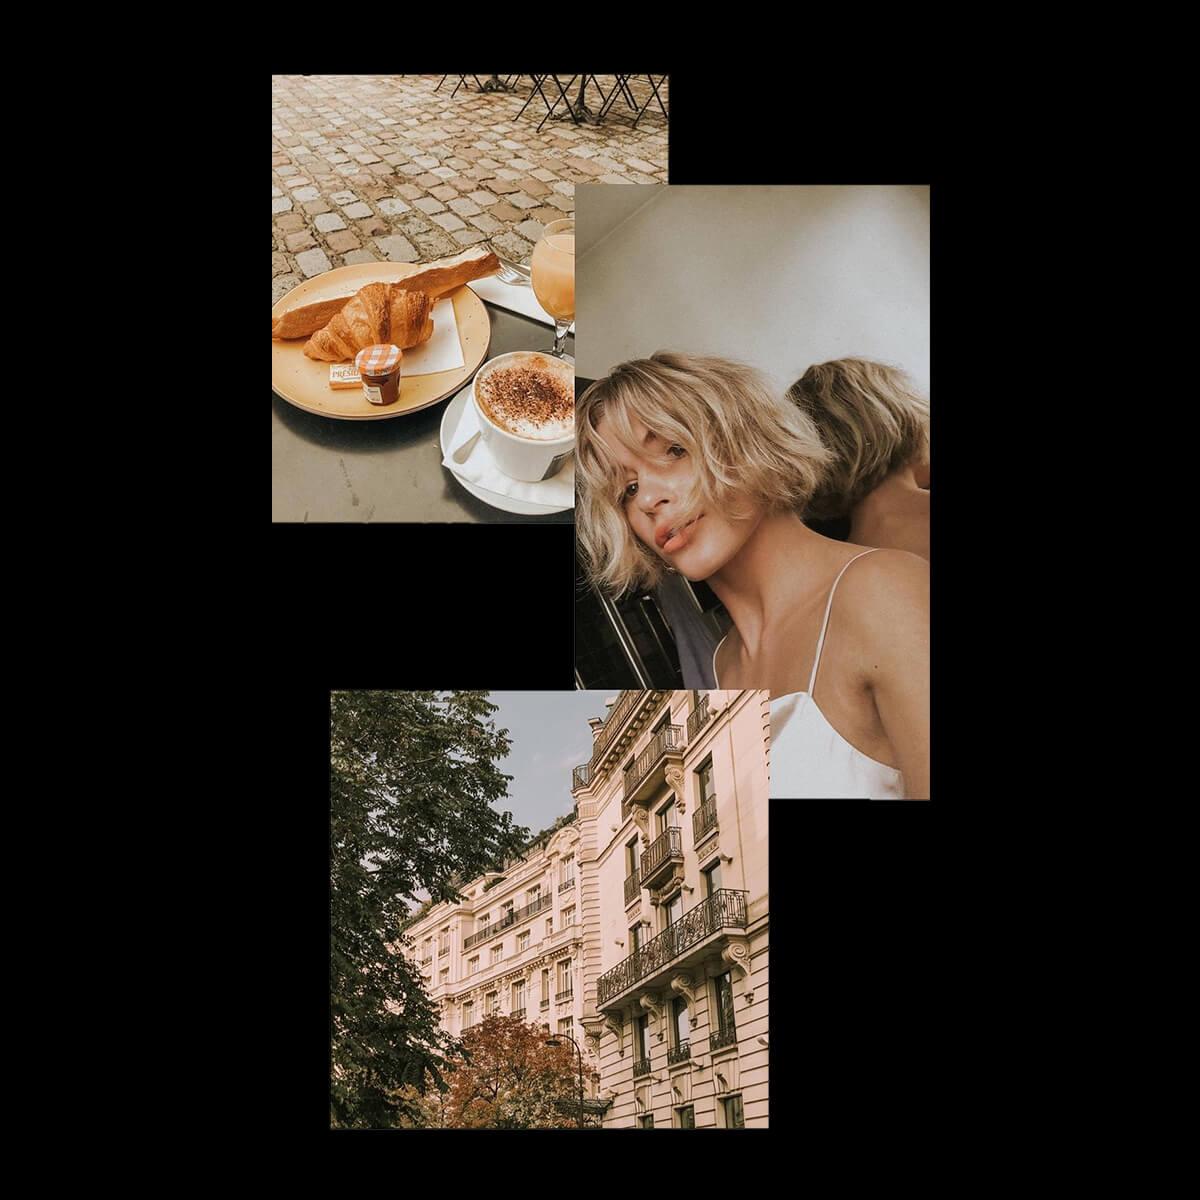 Paris Preset for Instagram